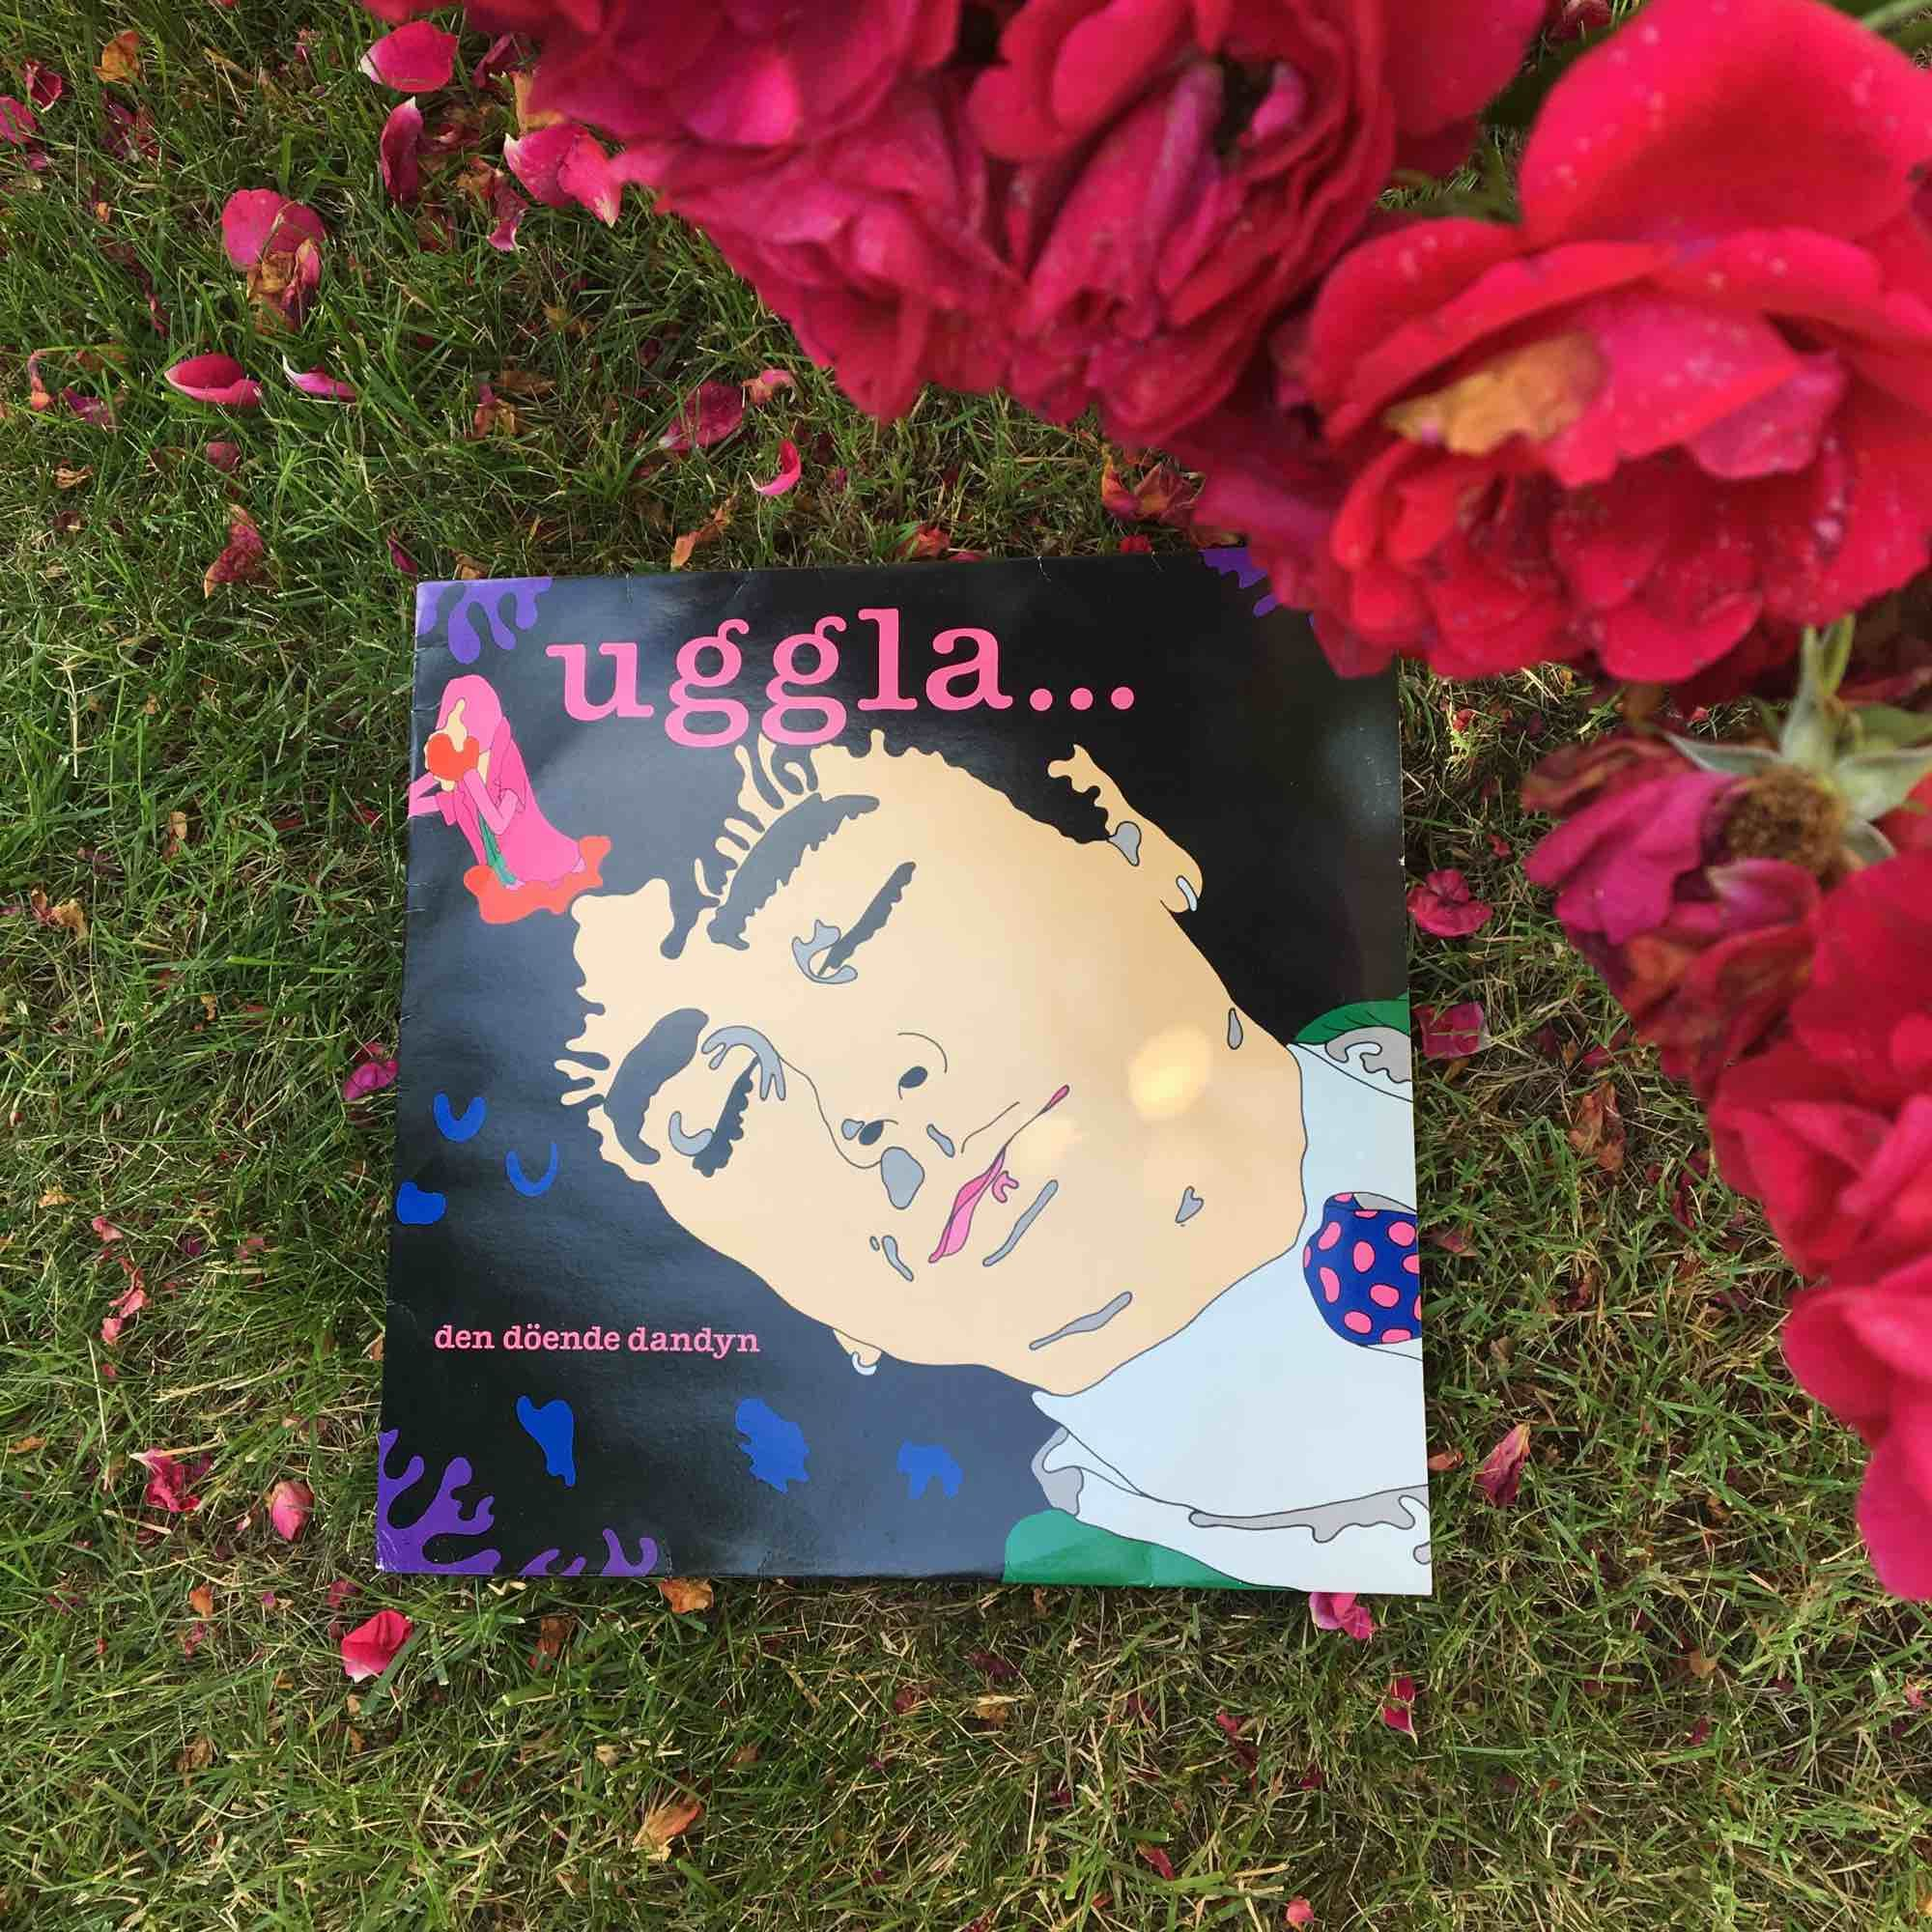 """Lp skiva av Magnus Uggla, """"uggla... den döende dandyn"""" från 1986. Övrigt."""